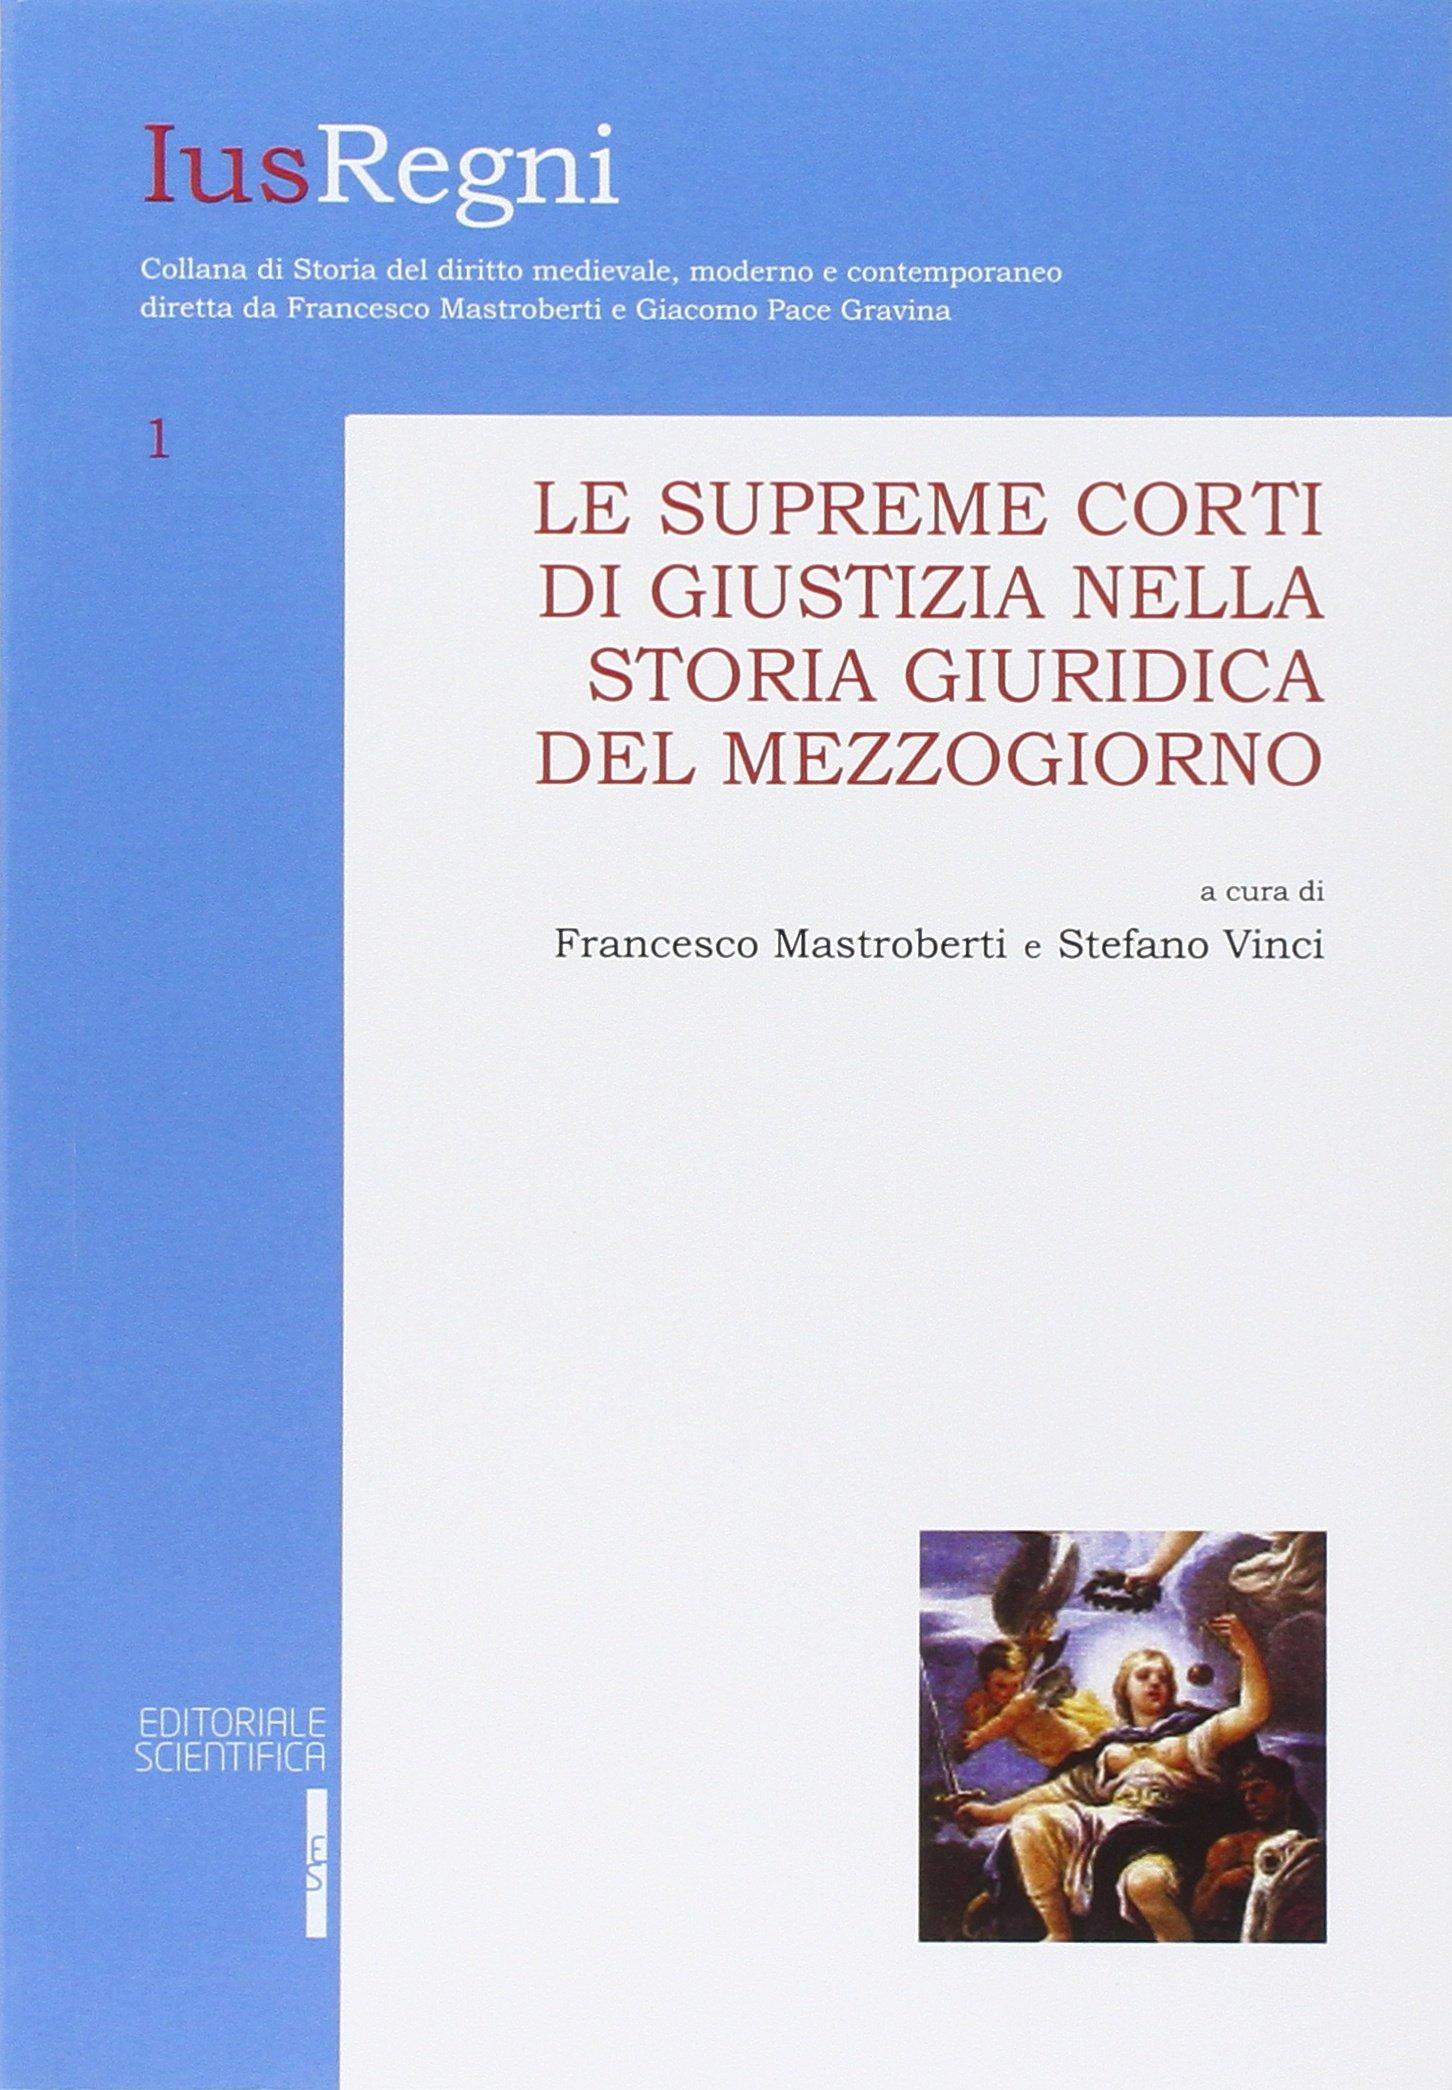 Le supreme Corti di Giustizia nella storia giuridica del Mezzogiorno